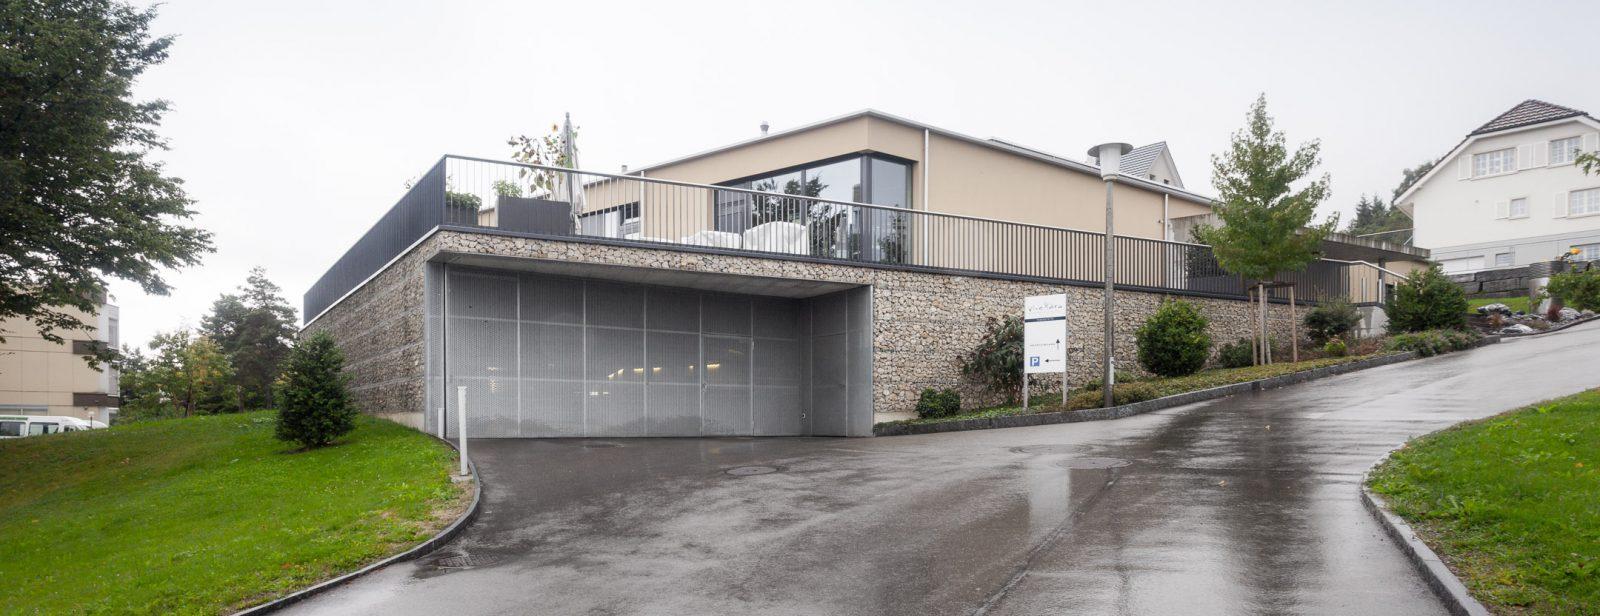 Tagesstätte Stiftung Schulheim, Dielsdorf